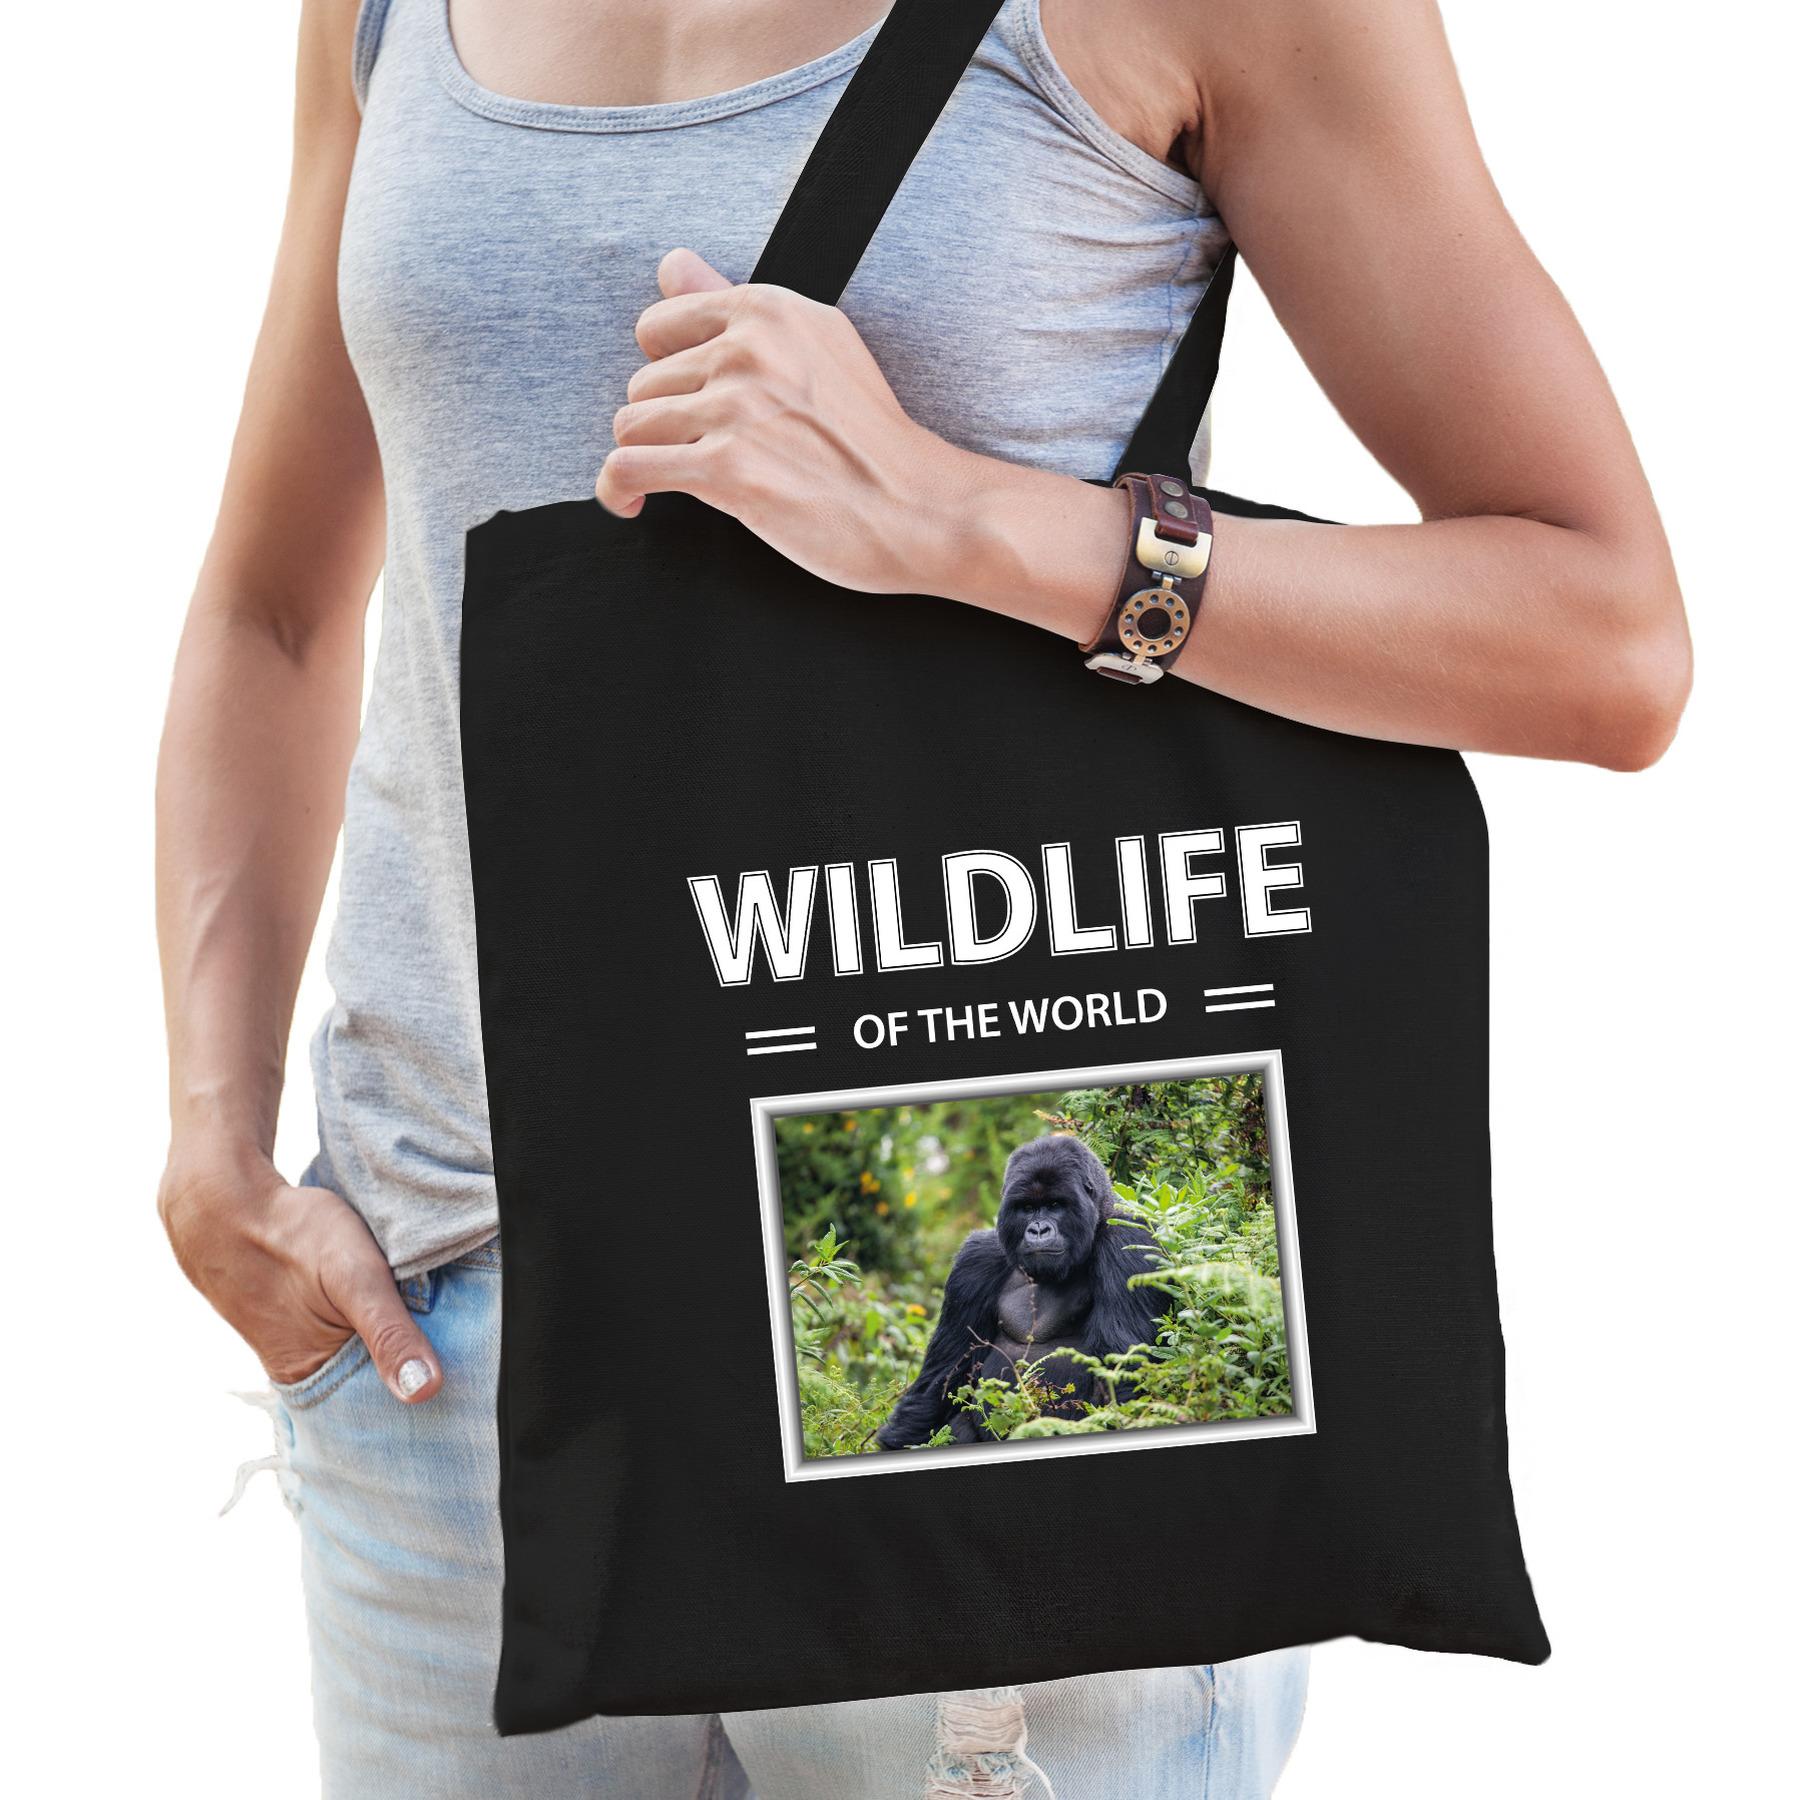 Katoenen tasje Gorillas zwart - wildlife of the world Gorilla aap cadeau tas